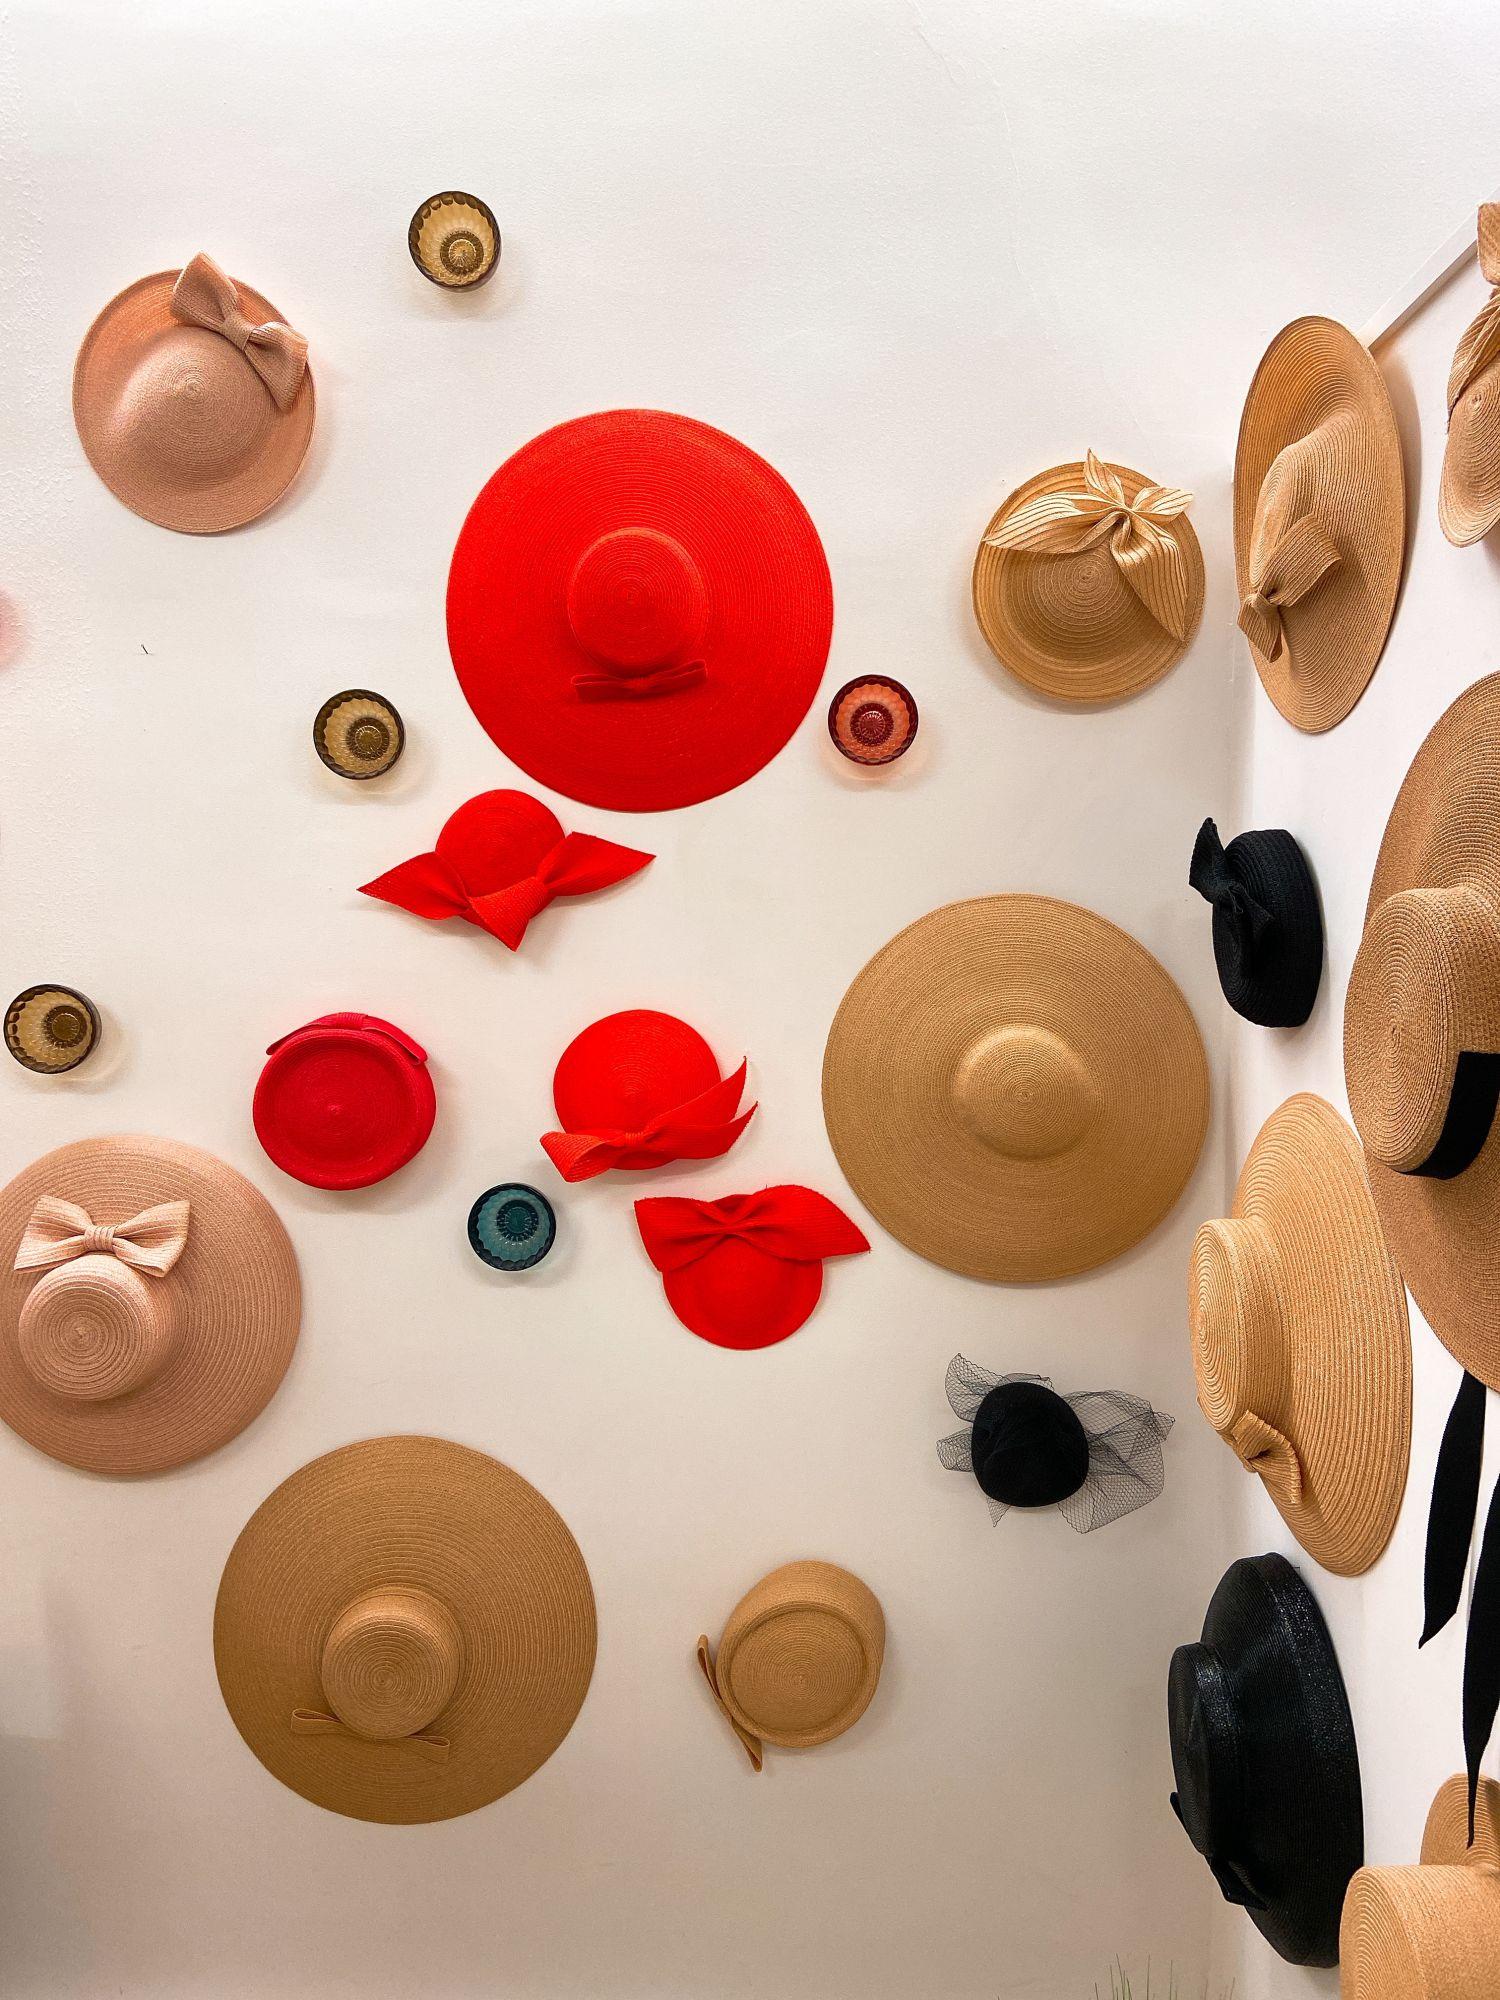 梅根王妃也愛不釋手!帽子控此生必逛,3間巴黎手工訂製帽子工坊推薦